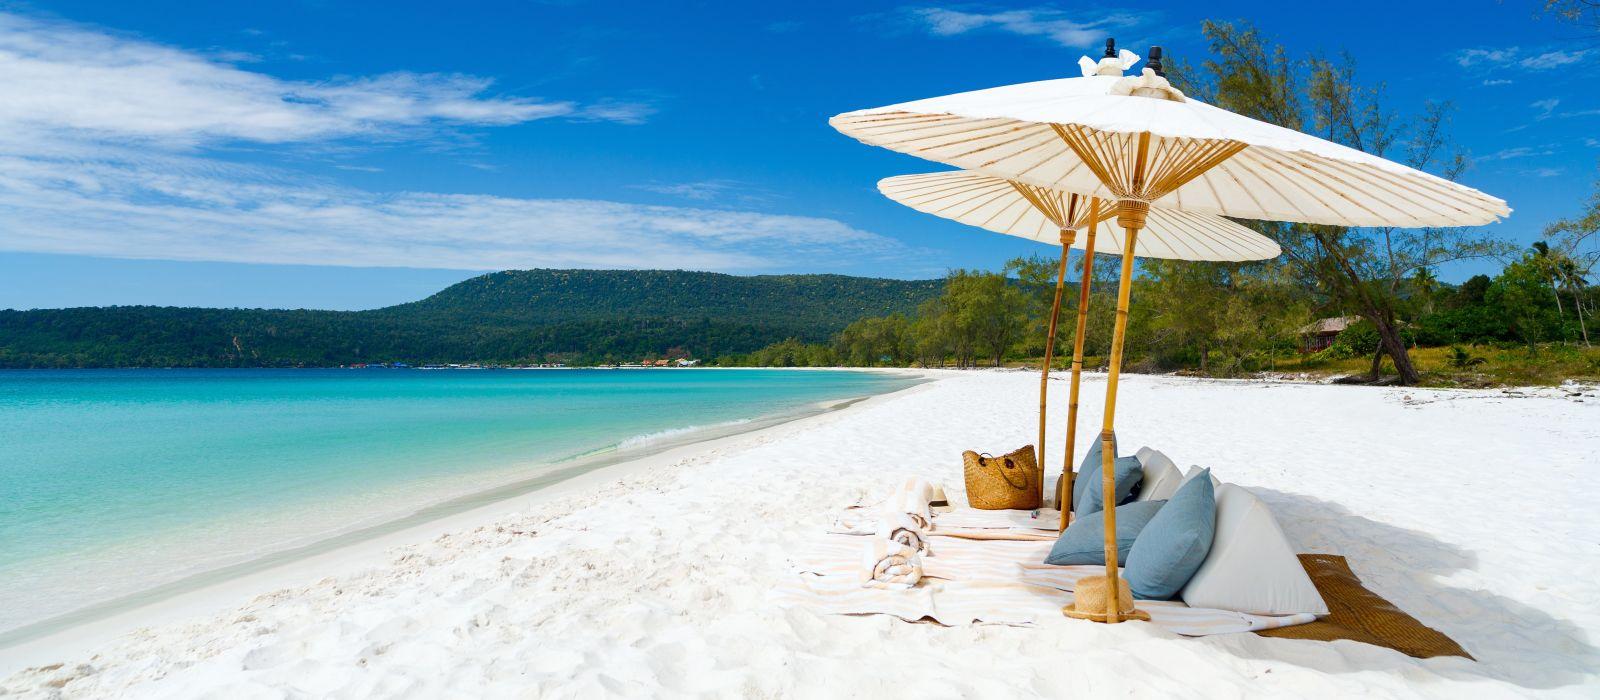 Cambodia's Culture, History and Pristine Beaches Tour Trip 6